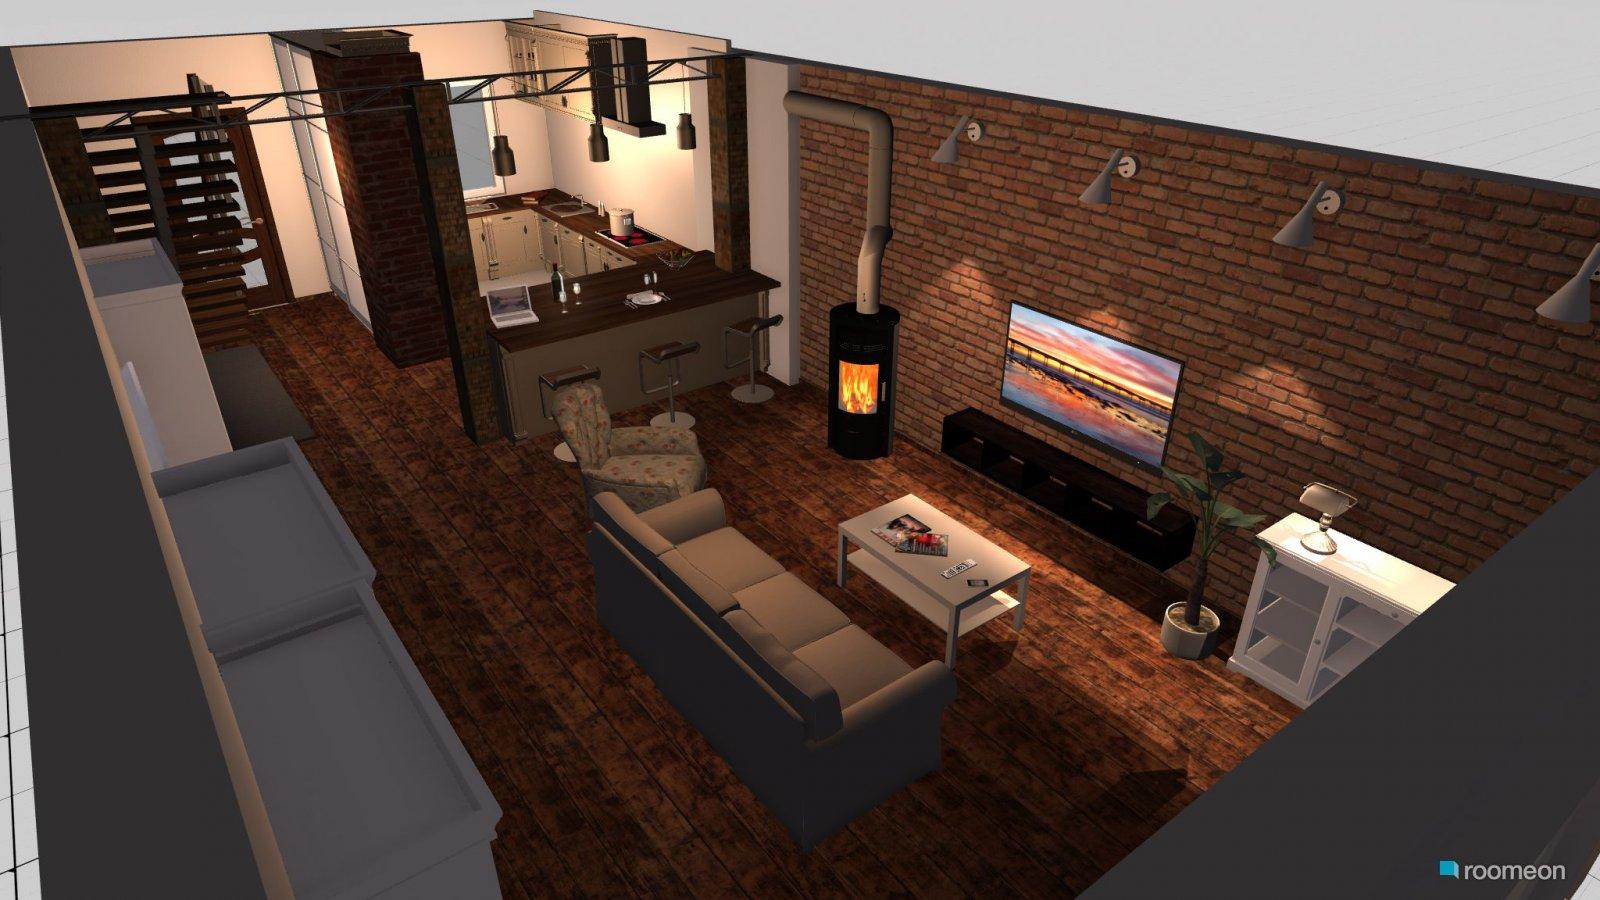 Raumplanung wohnzimmer mit st tze roomeon community for Wohnzimmer 3d planer